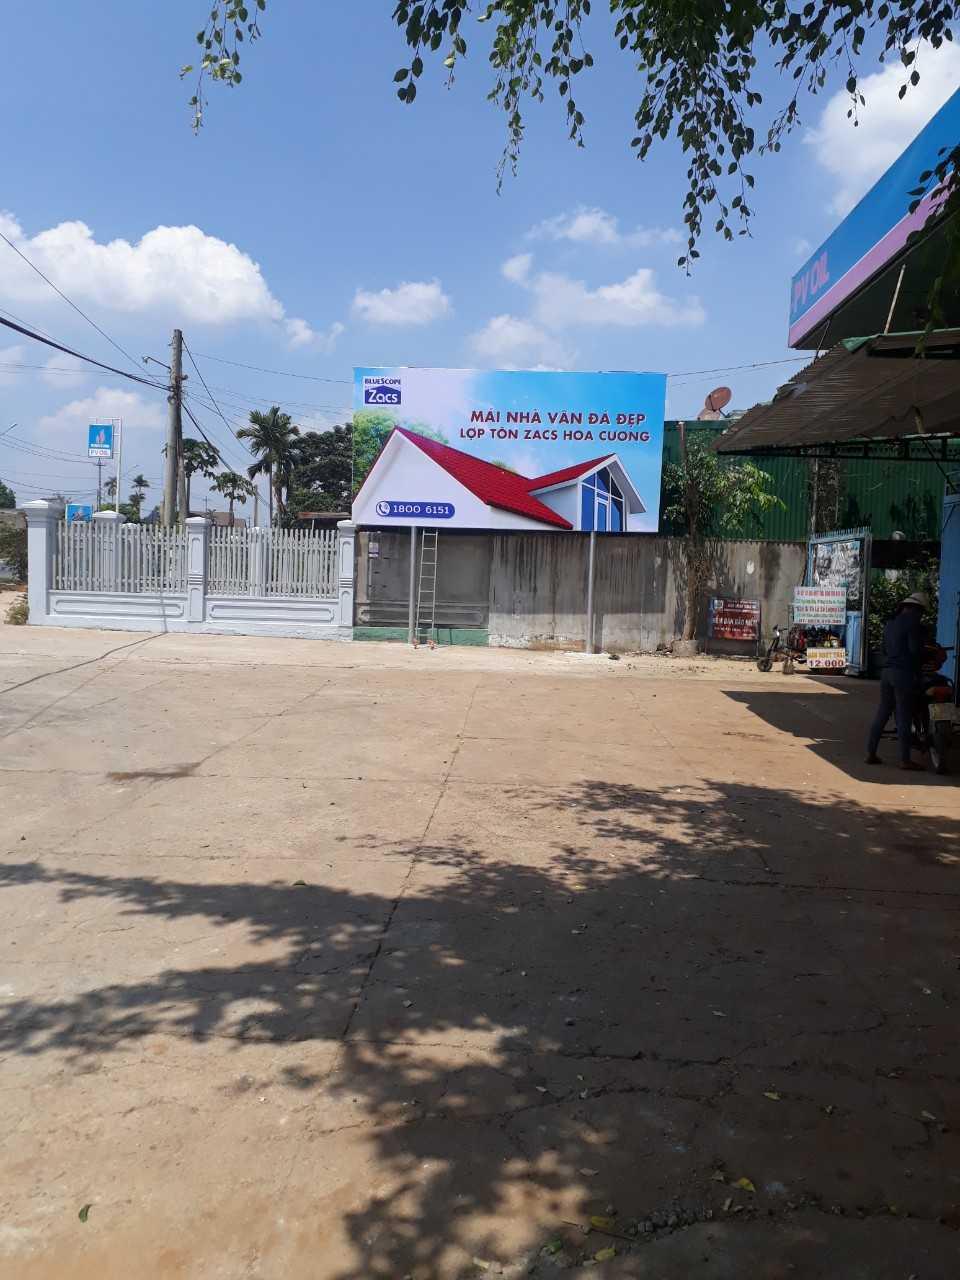 Quảng cáo CHXD Tháng Mười, thị trấn Phước An, huyện Krông Pắc, Đắk Lắk - Biển trụ nhỏ